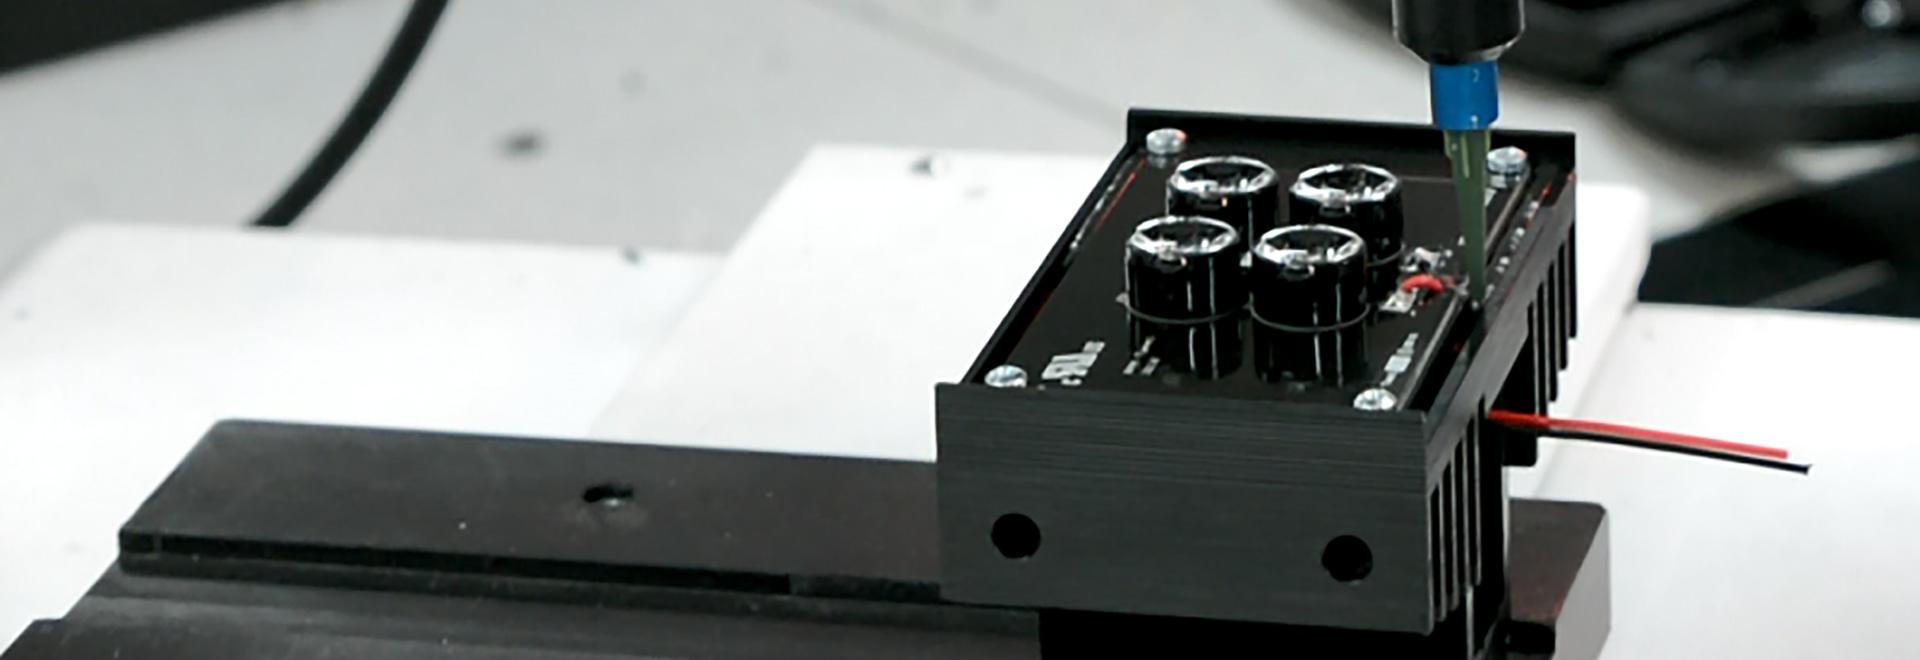 production d'Iluminator-logement à GJD avec un système de preeflow.